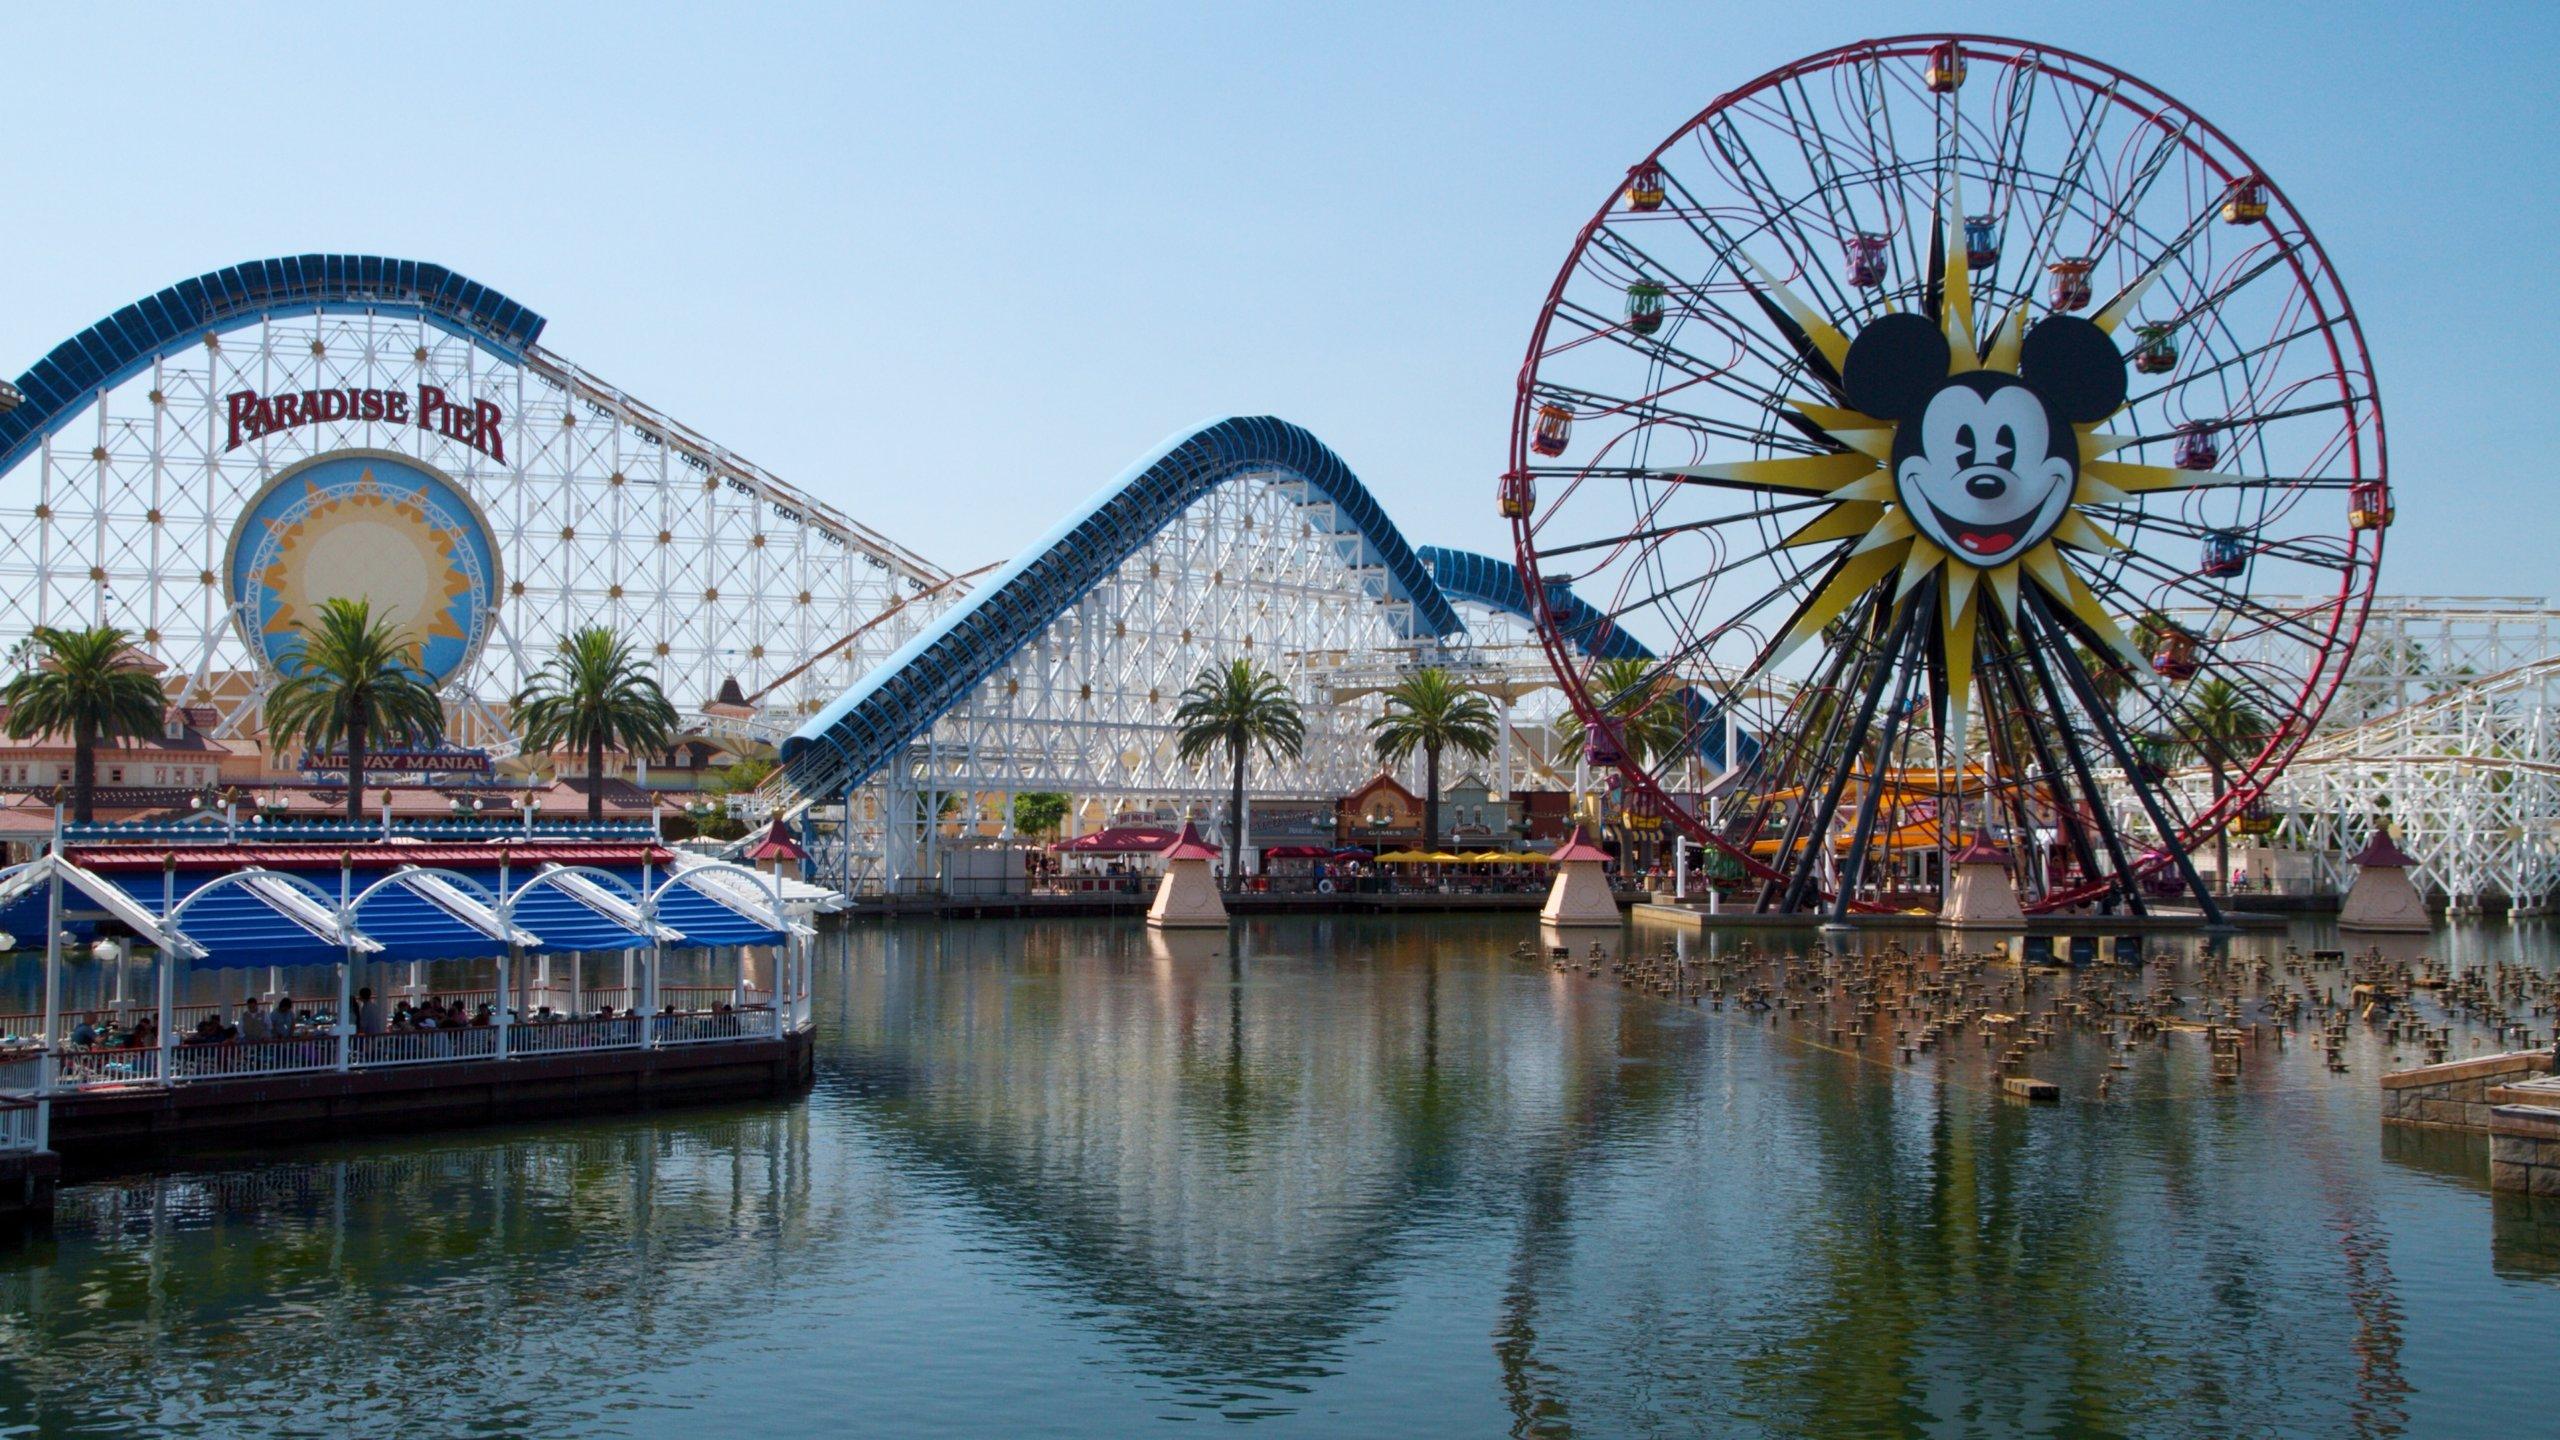 Vizinho ao famoso Disneyland® Park, este parque temático é um tributo a todas as maravilhas da Califórnia, além de oferecer aos visitantes a oportunidade de viver toda a magia da mais nova geração de personagens da Disney.